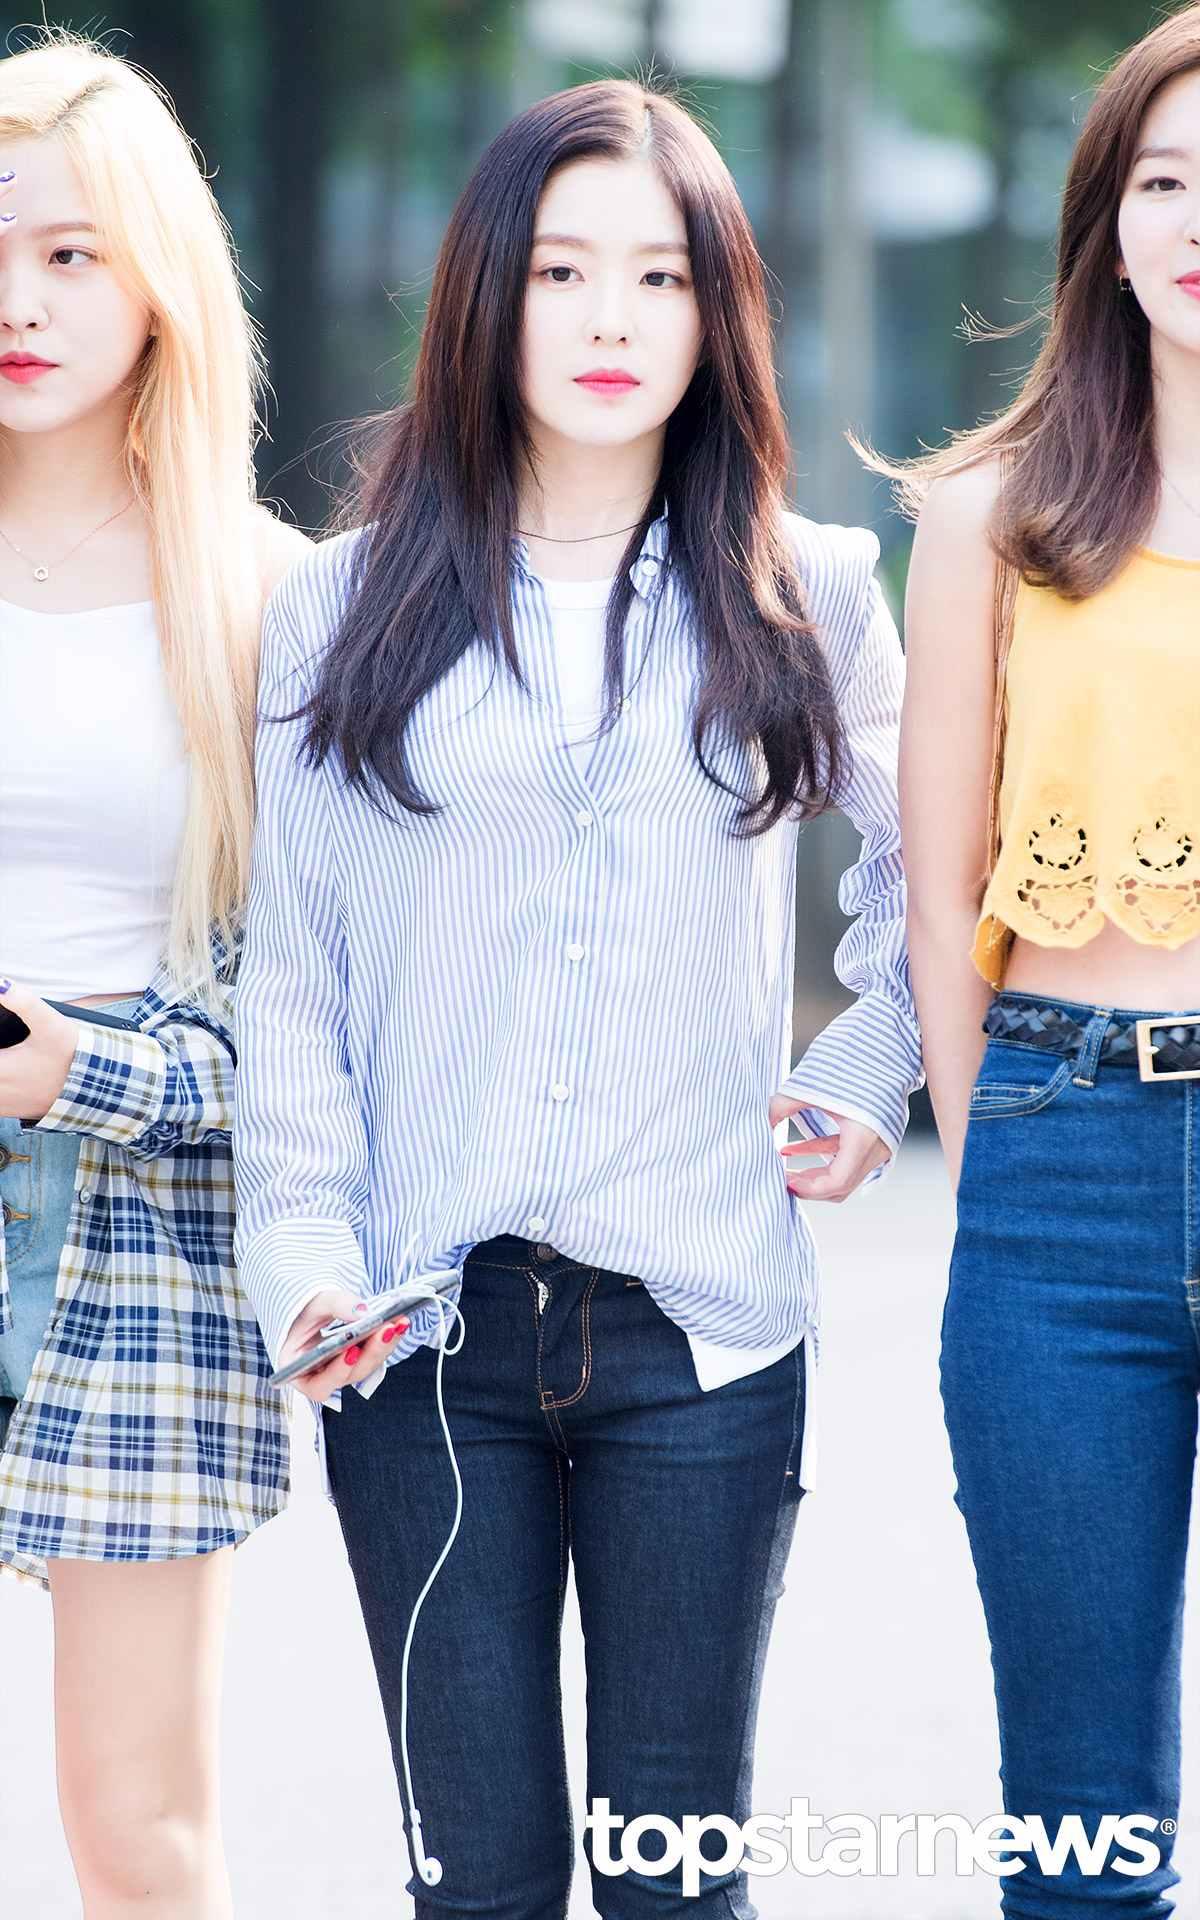 韓妞還特別喜歡在襯衫裡面內搭一件素T, 夏天可以搭低領,如果是春秋通常會搭高領T。